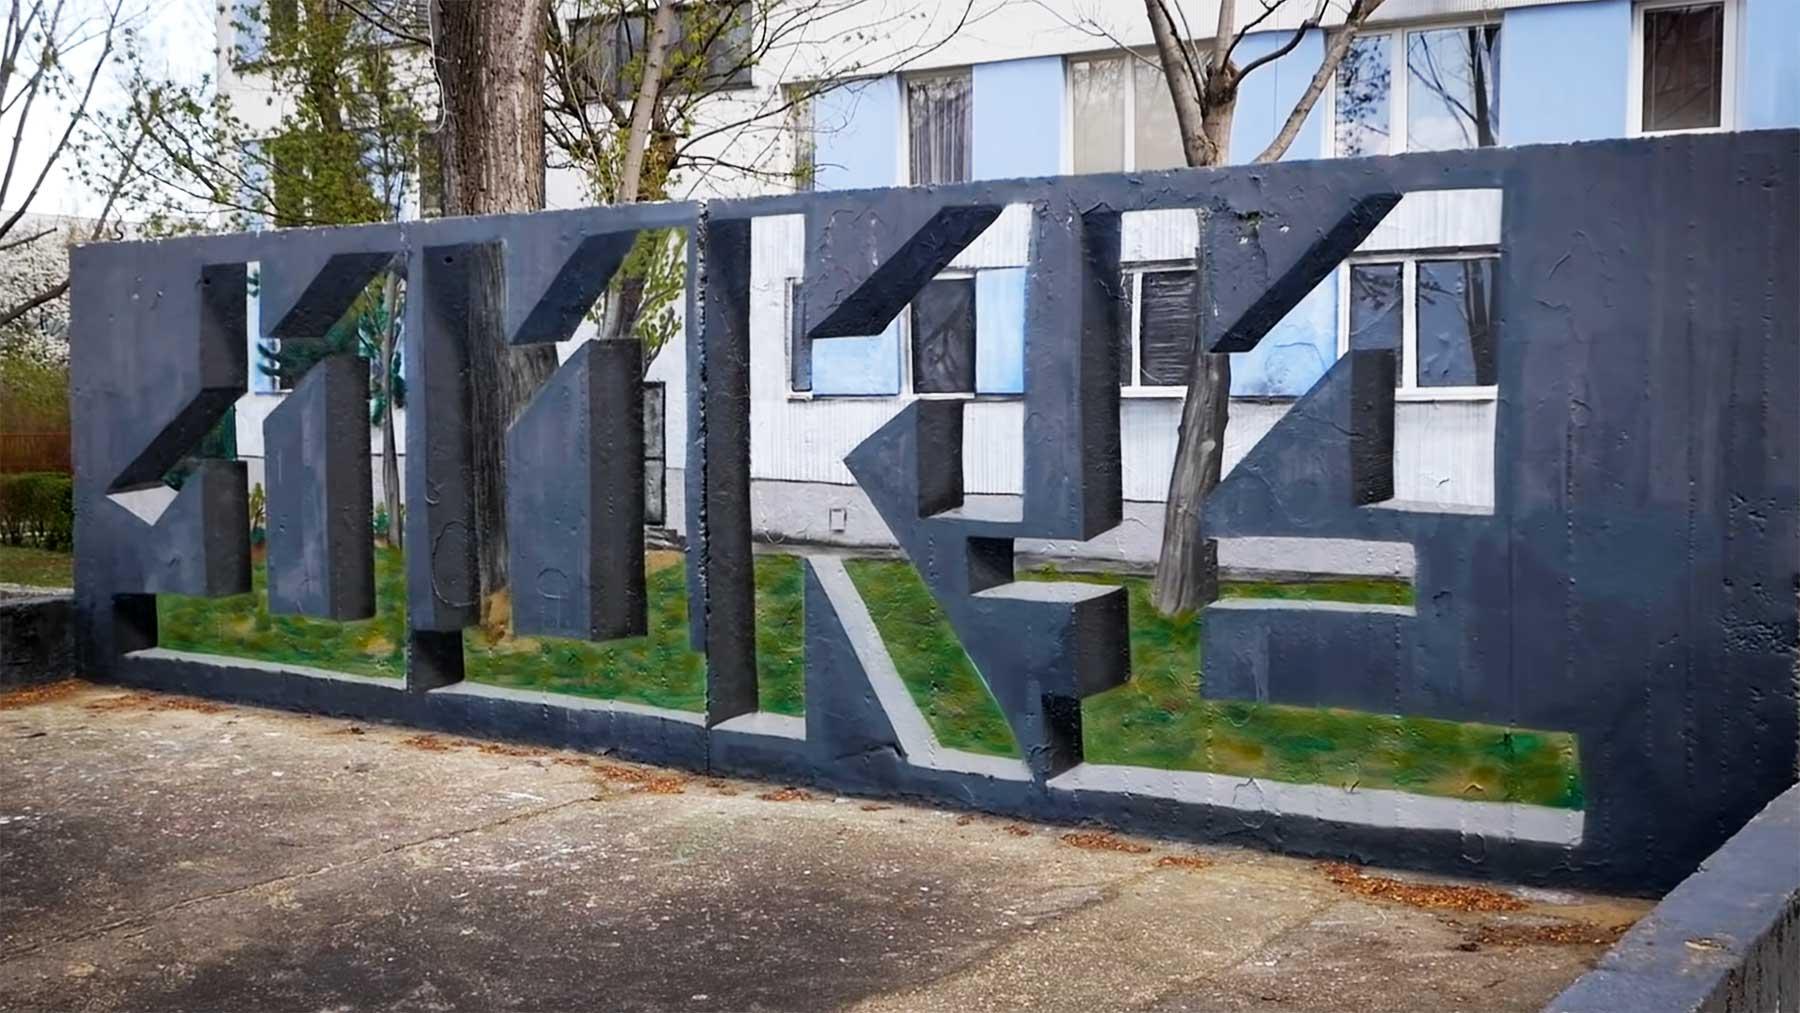 Wie ein perspektivisches 3D-Mural entsteht 3D-typo-mural-DokeTV